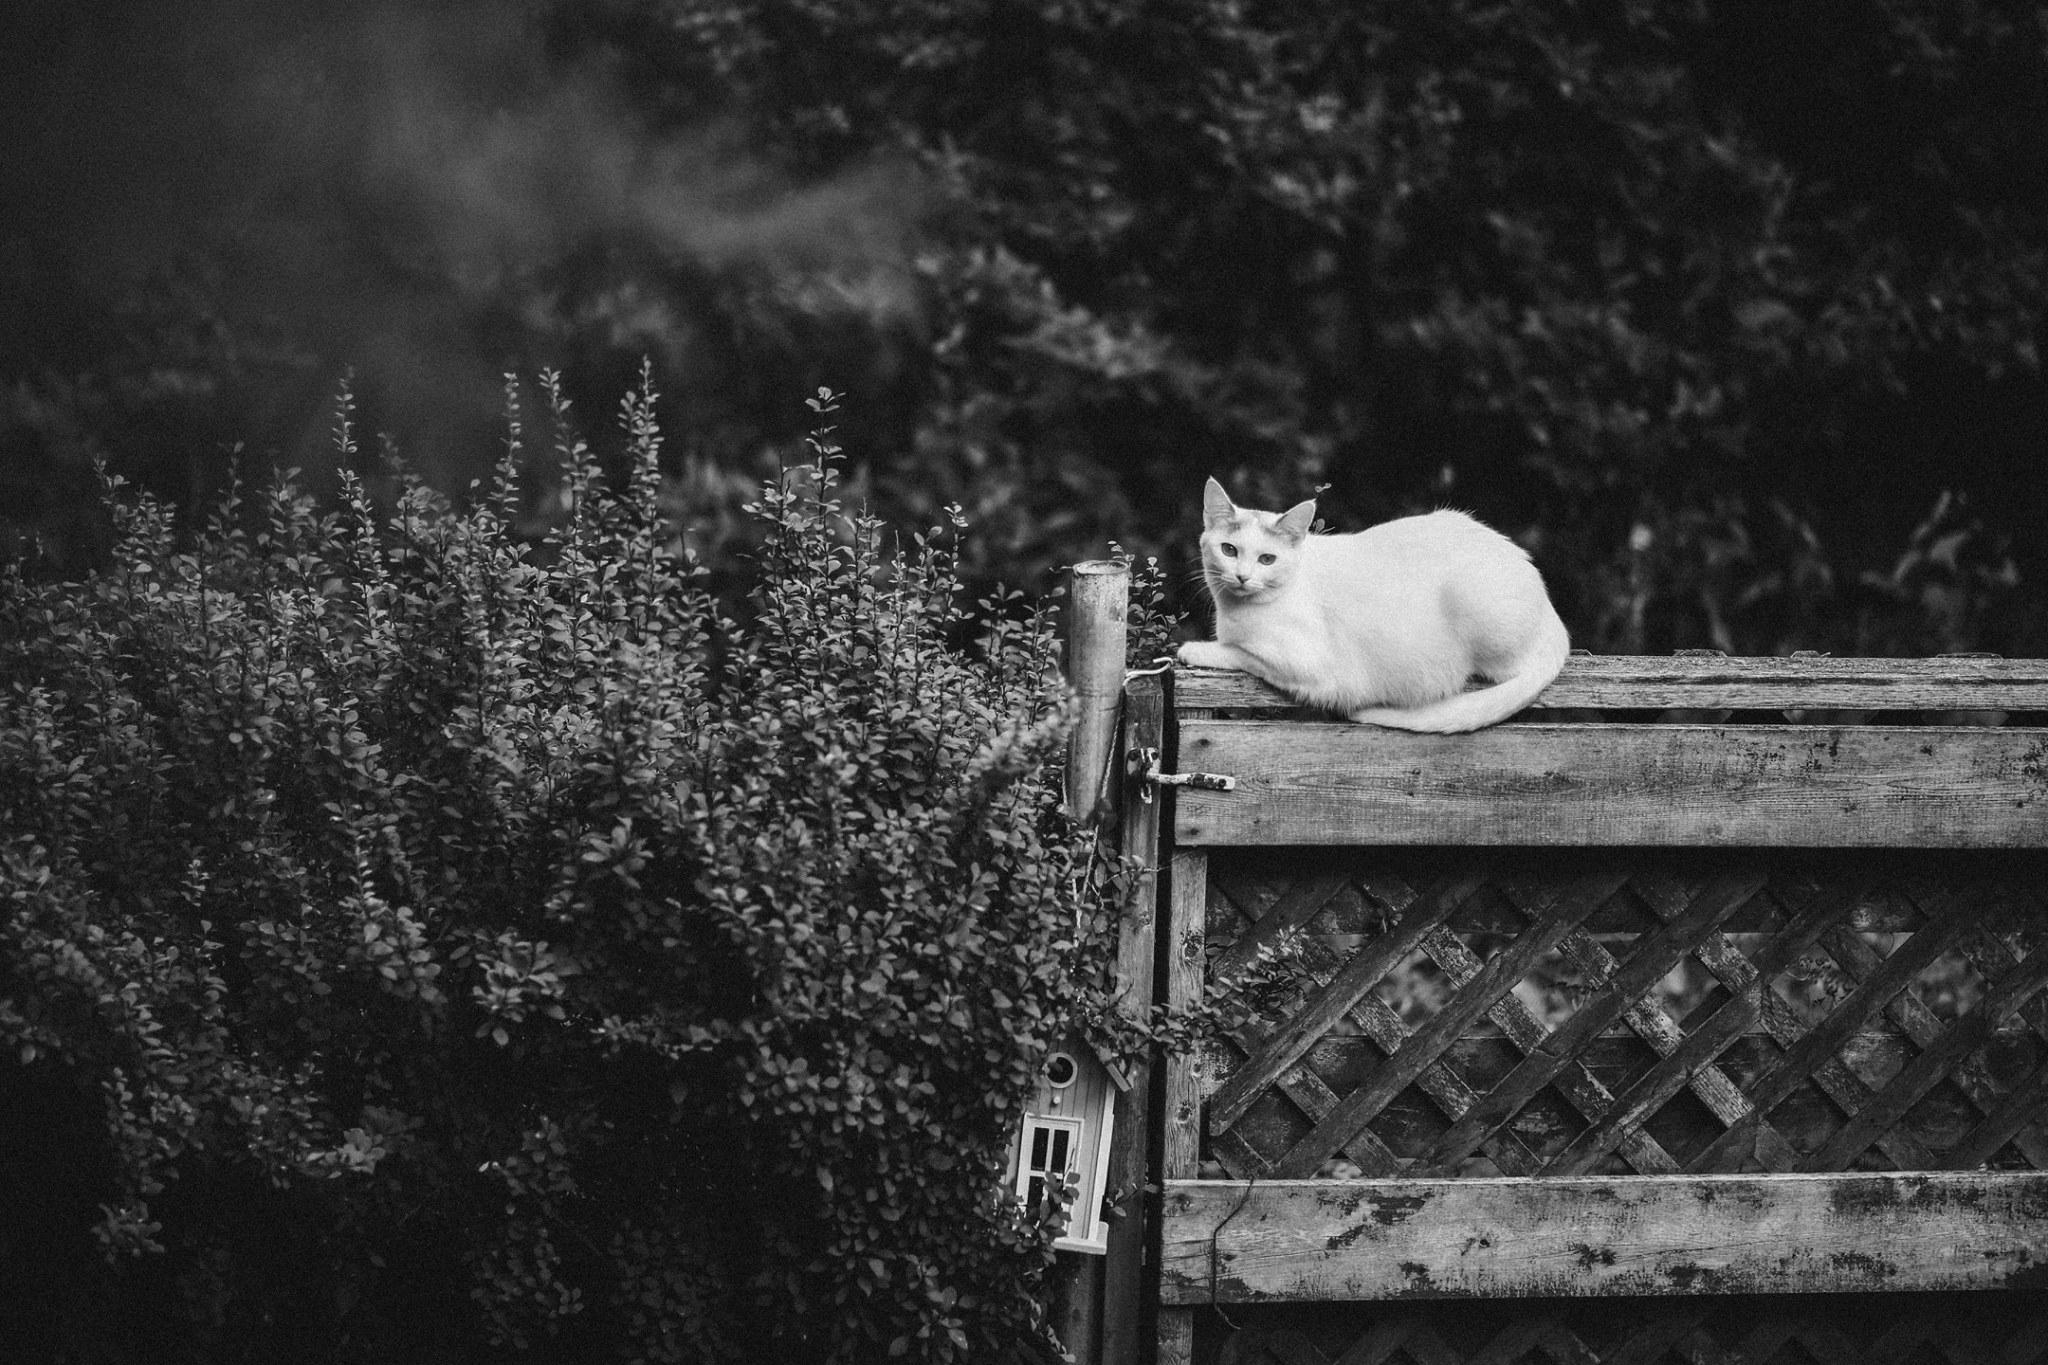 2019_Rothbauerstudio_personalwork_ottawa_petphotography_cat_white.jpg